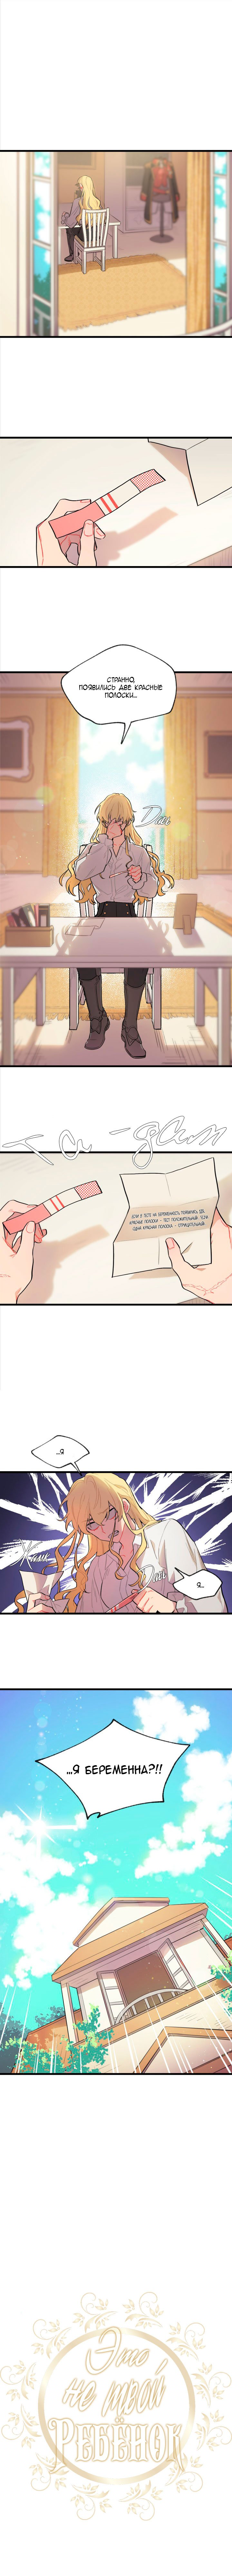 Манга Это не твой ребёнок - Глава 1 Страница 1